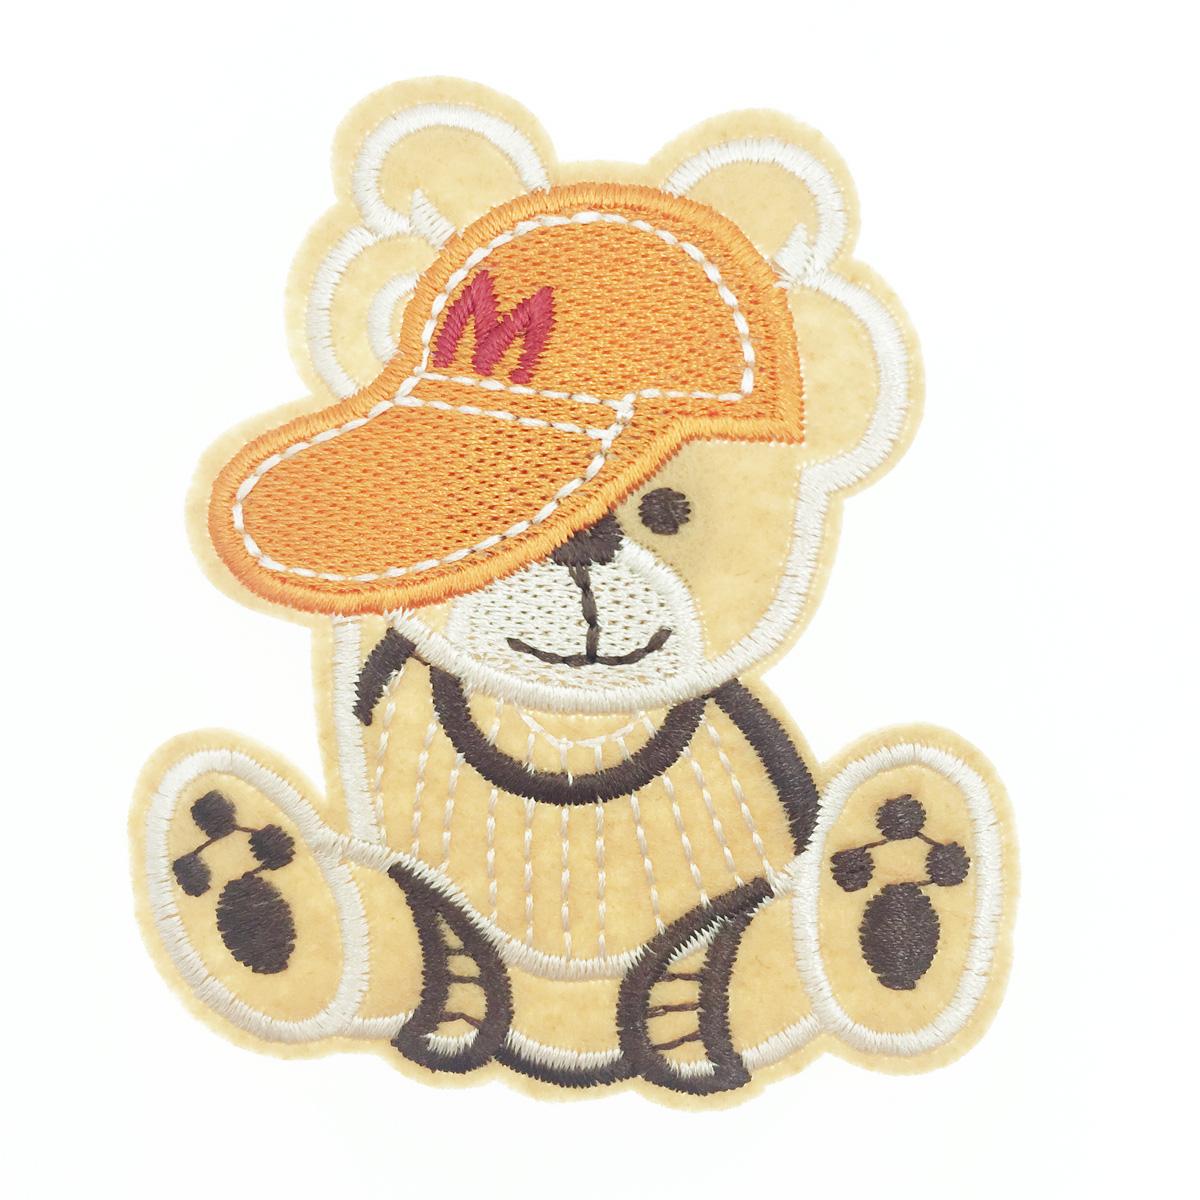 韓國 刺繡 燙布貼 熊熊 帽子 胸針 別針